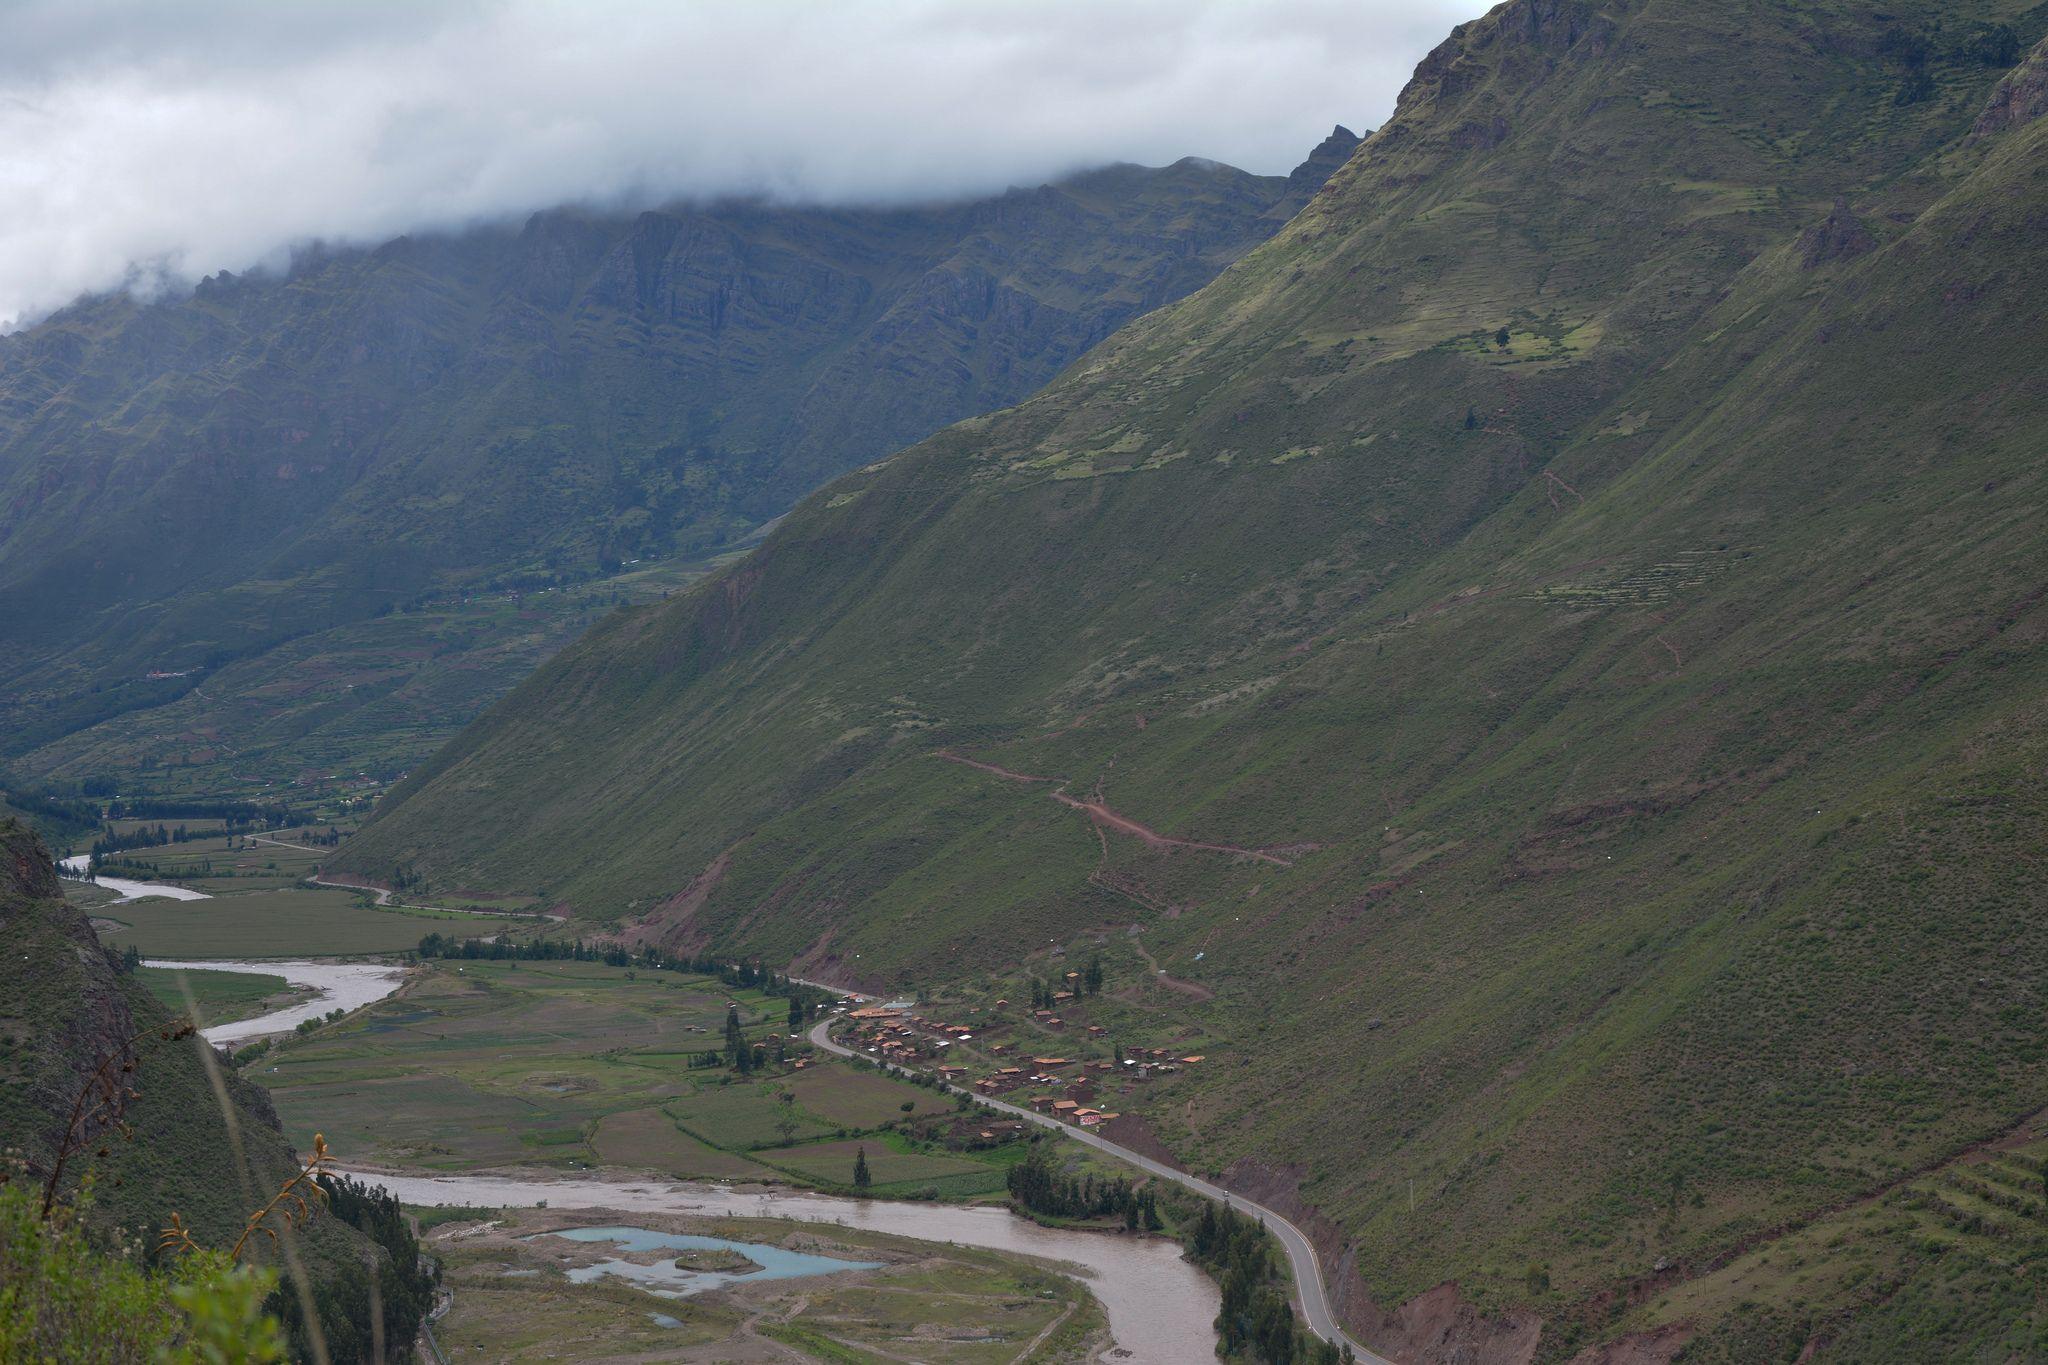 Impresionante valle desde las ruins de Pisac